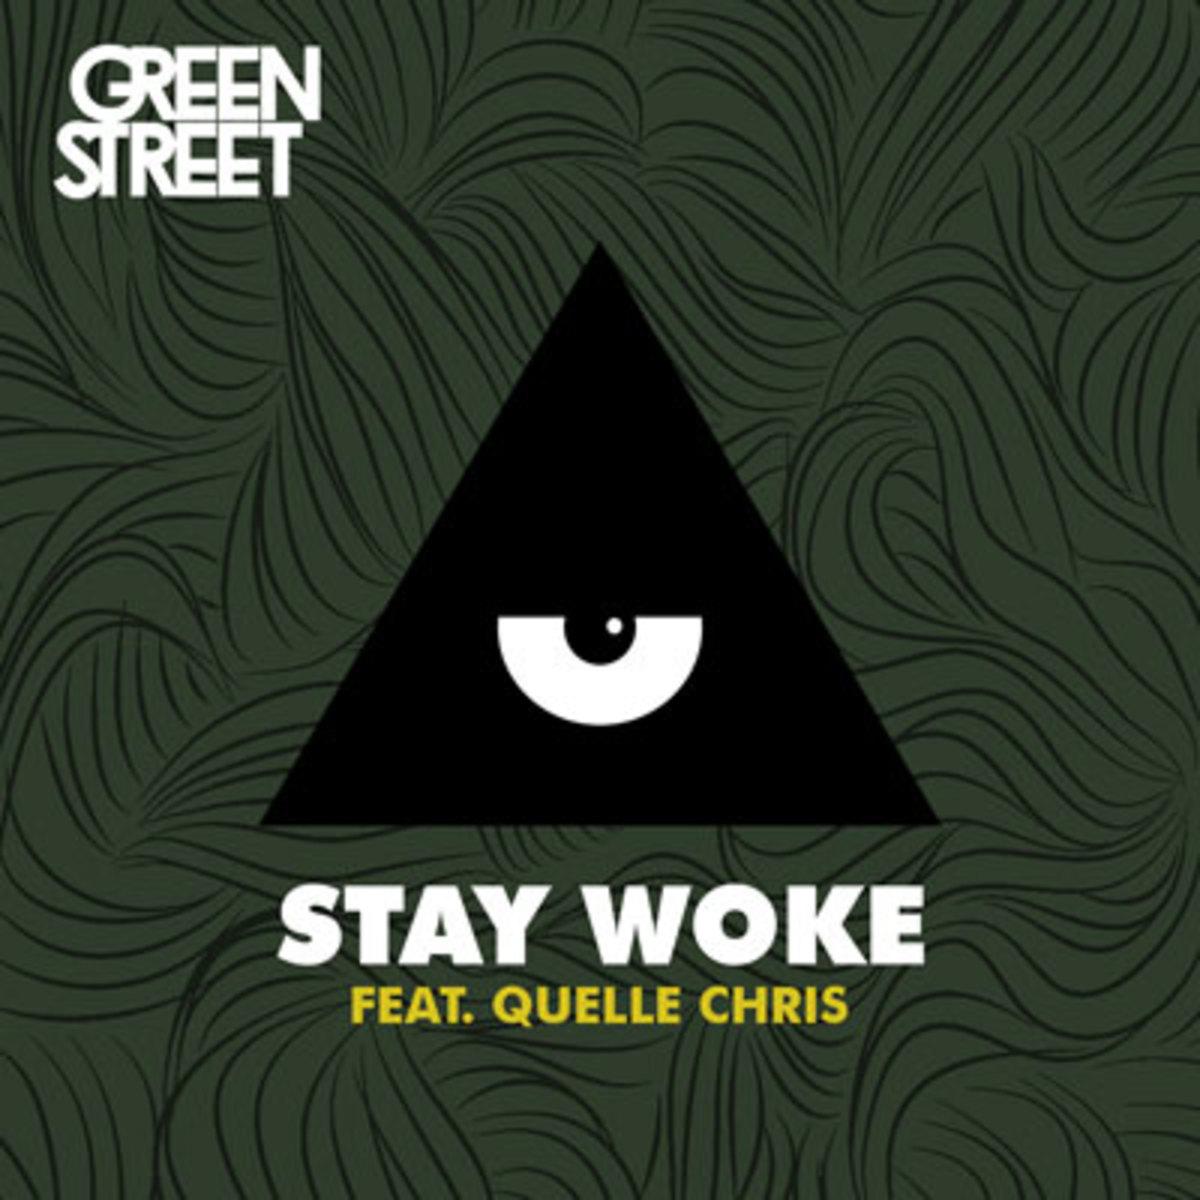 green-street-stay-woke.jpg